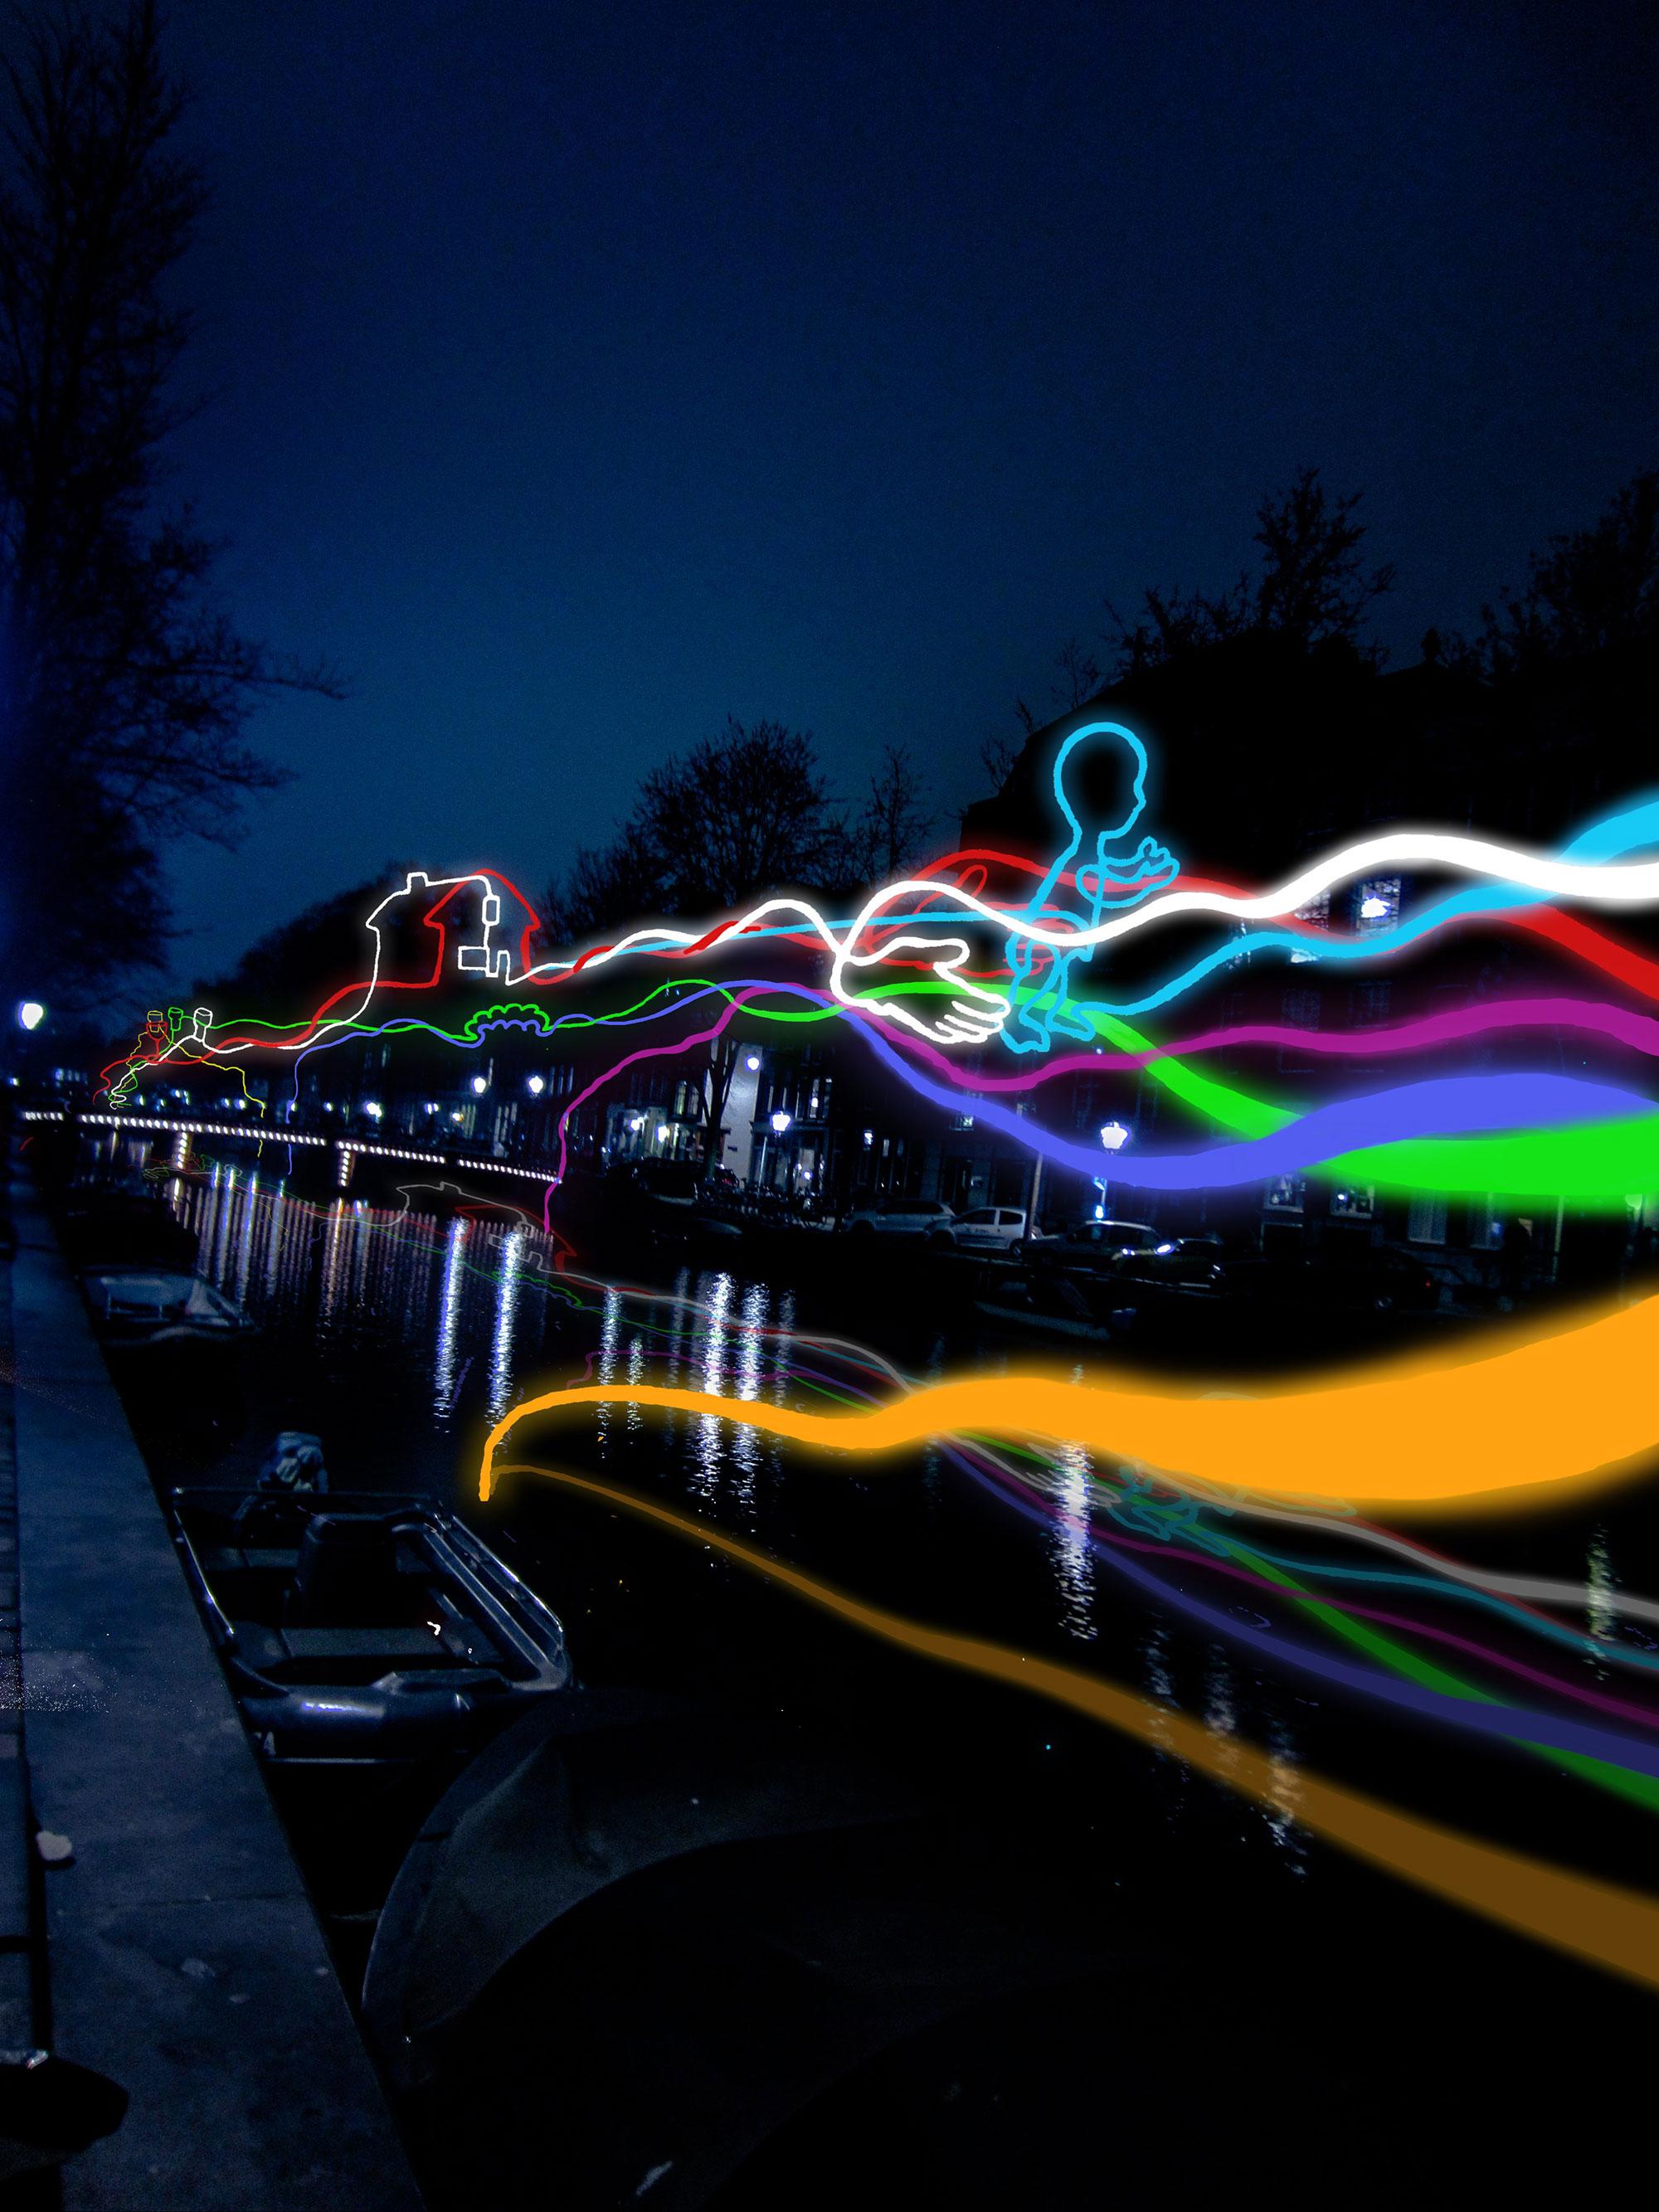 LIGHTING UP THE CITY: AMSTERDAM LIGHT FESTIVAL